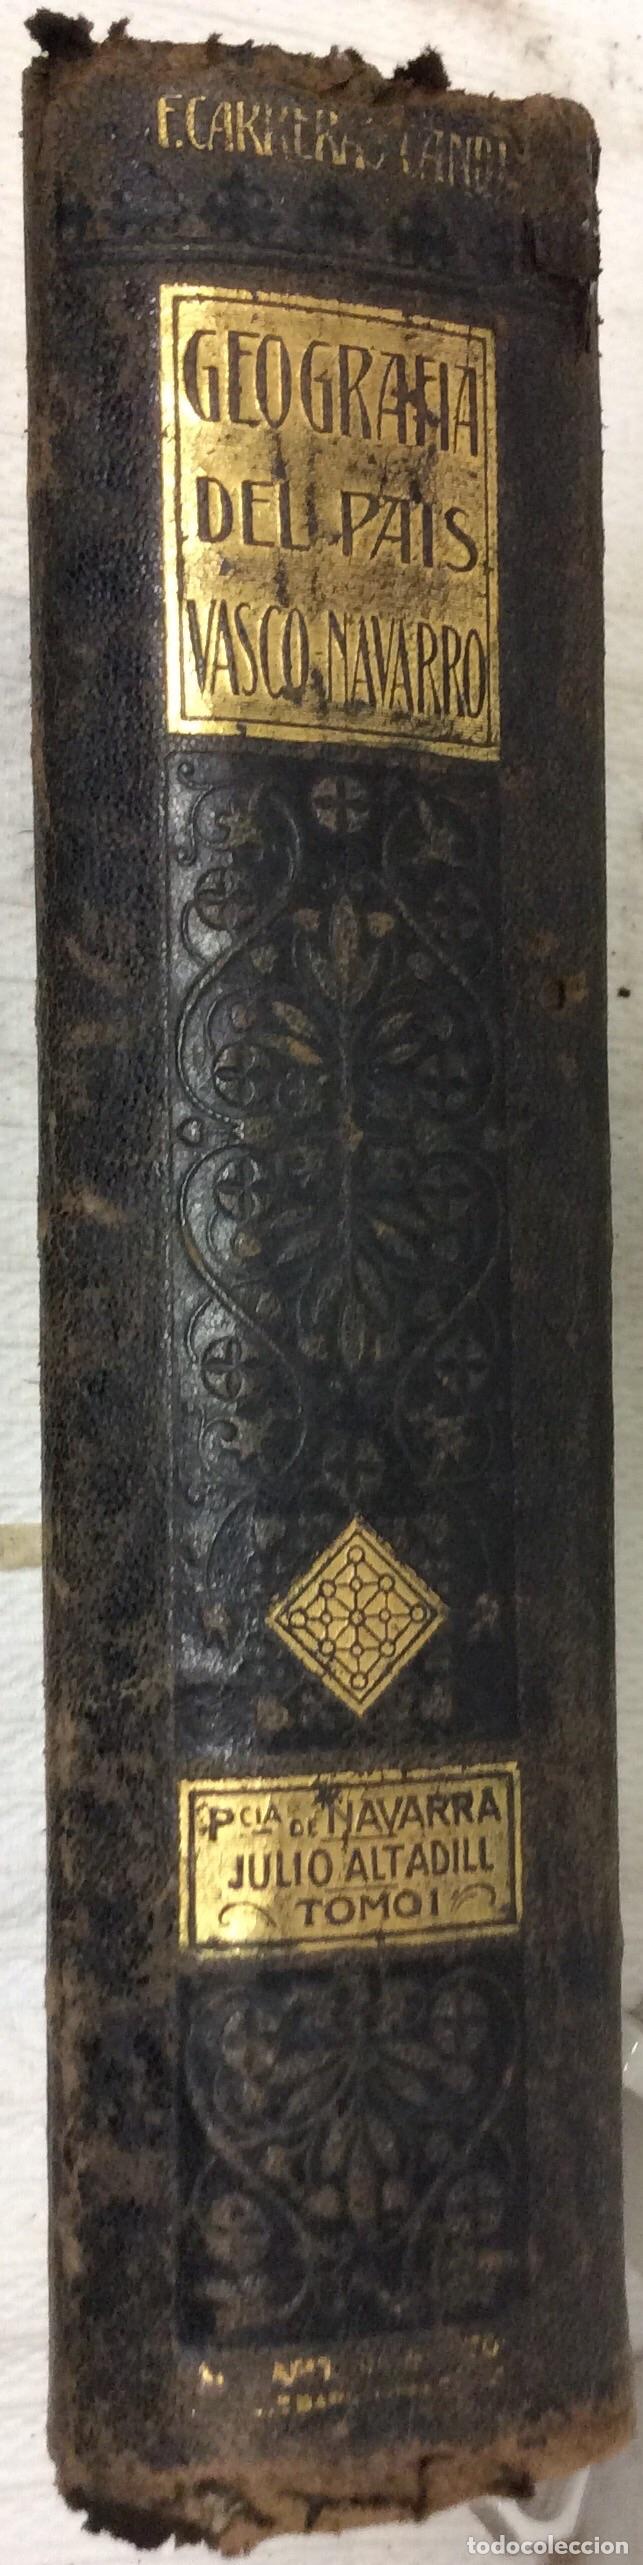 Libros antiguos: Geografía General del país Vasco-Navarro, 2 Tomos (país Vasco Navarro-Navarra - Foto 8 - 182083996